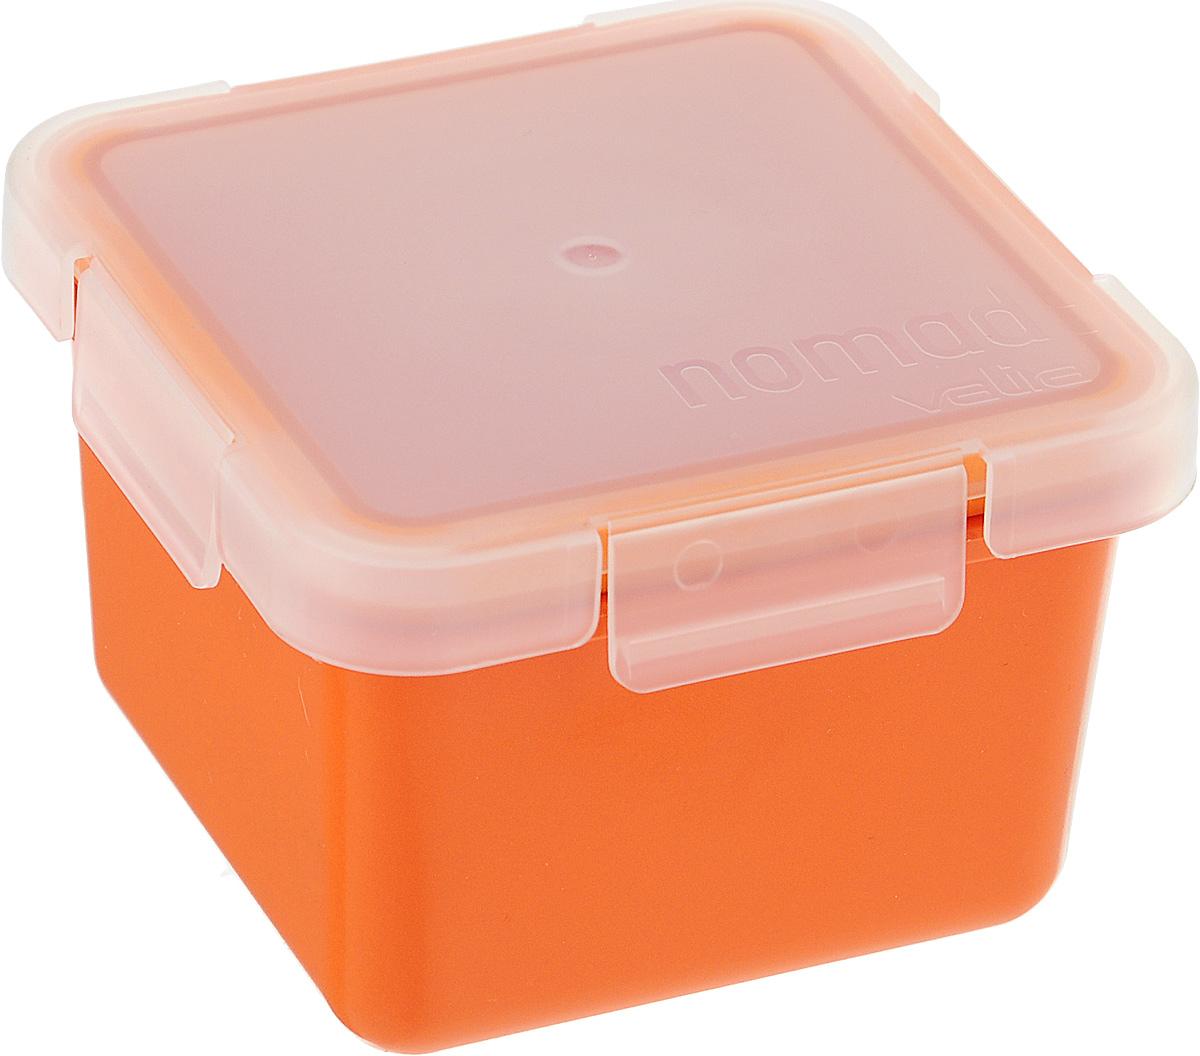 Контейнер пищевой Valira Nomad, цвет: оранжевый, 0,4 л6092/147Пищевой контейнер Valira Nomad - это надежный и удобный пищевой контейнер, выполненный из керамического пластика. Данный материал не содержит полипропилена, BPA и фталатов, что очень важно для здоровья. Контейнер оснащен крышкой с силиконовой прослойкой и защелками с четырех сторон. Полностью герметичен и водонепроницаем, отлично подходит даже для переноски жидких блюд. Не впитывает запахов и не окрашивается в цвет пищи, материал изделия приятен на ощупь. Контейнер подходит для ежедневного использования на работе или учебе, а также для отдыха на природе. Благодаря компактным размерам его удобно взять с собой в поездку или путешествие. Контейнер можно использовать для разогревания пищи в микроволновой печи, а также для замораживания продуктов до -20°С. Легко моется в посудомоечной машине.